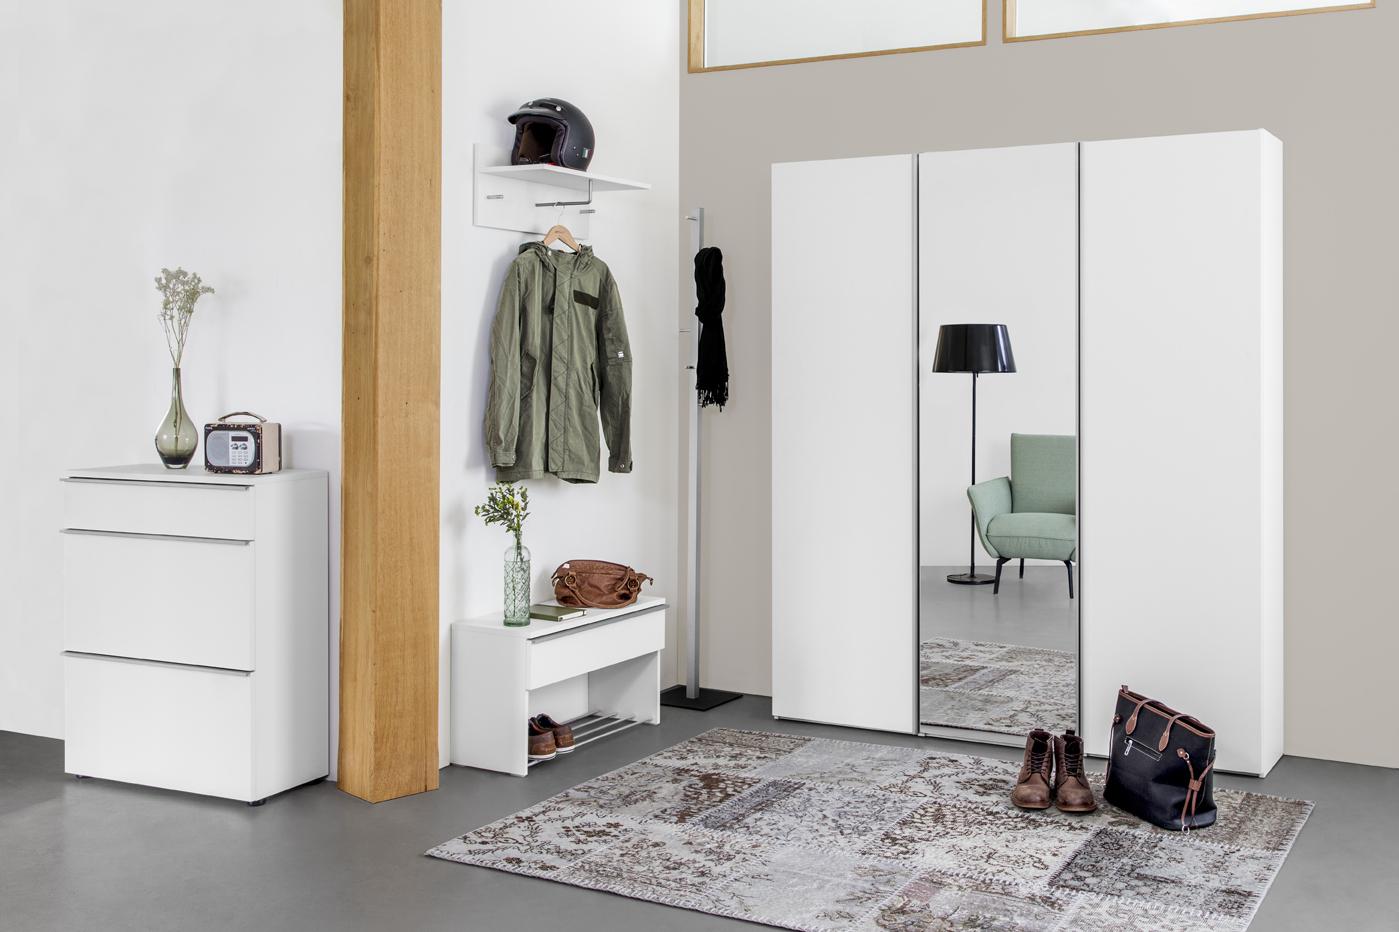 garderoben paneel finest garderoben paneel with. Black Bedroom Furniture Sets. Home Design Ideas